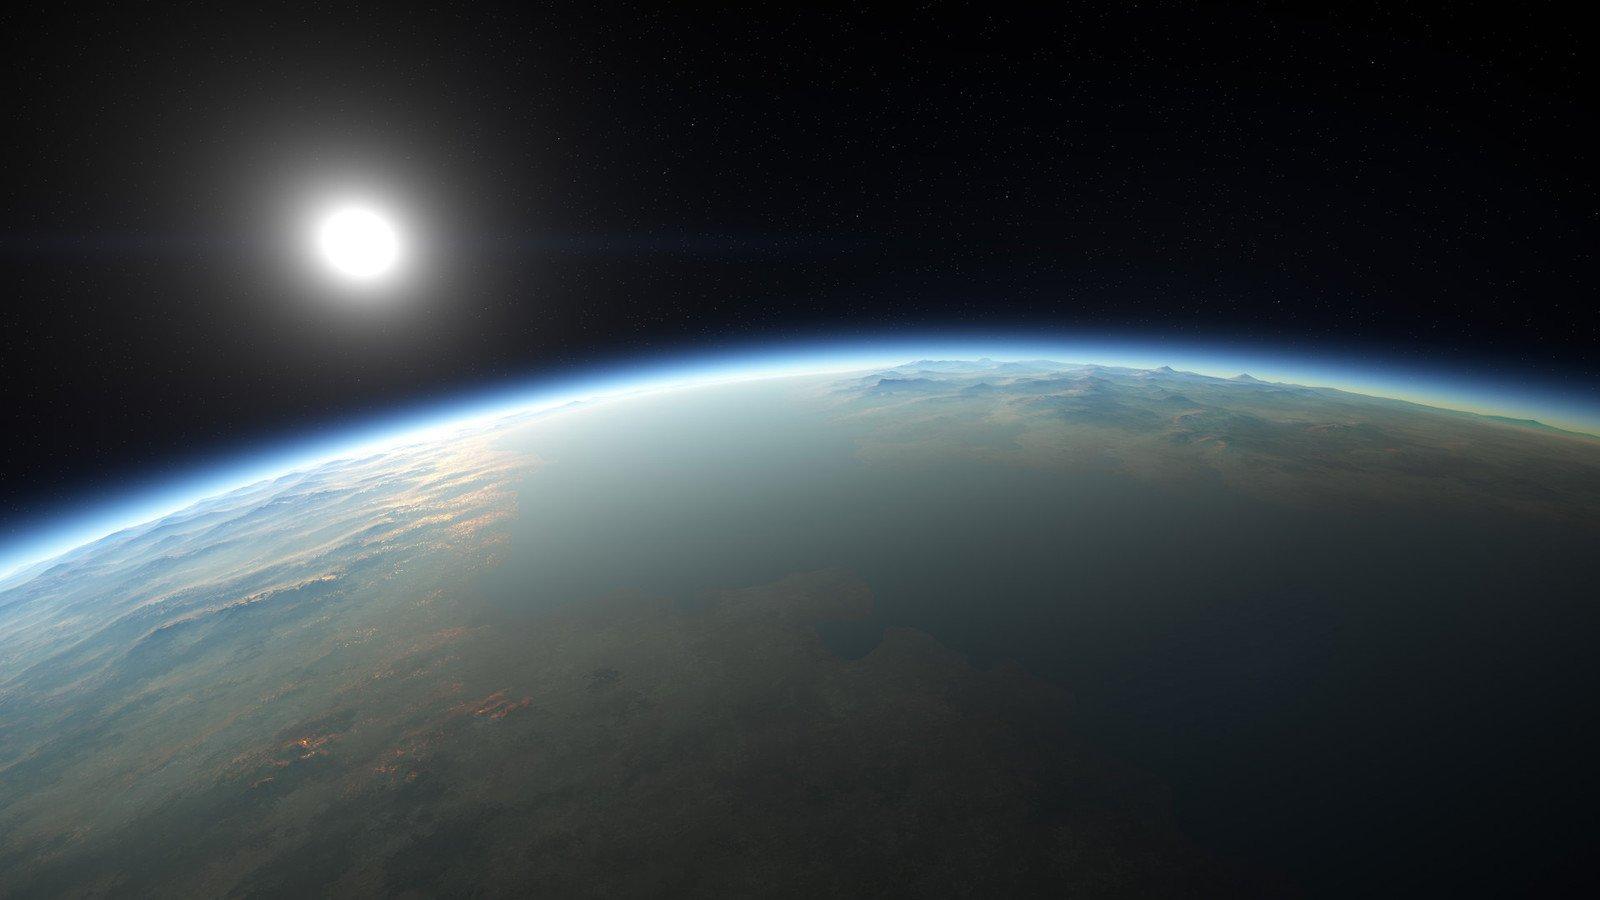 Star Citizen - новые подробности о планетах и скриншоты игры из свежего выпуска журнала PC Games. - Изображение 1